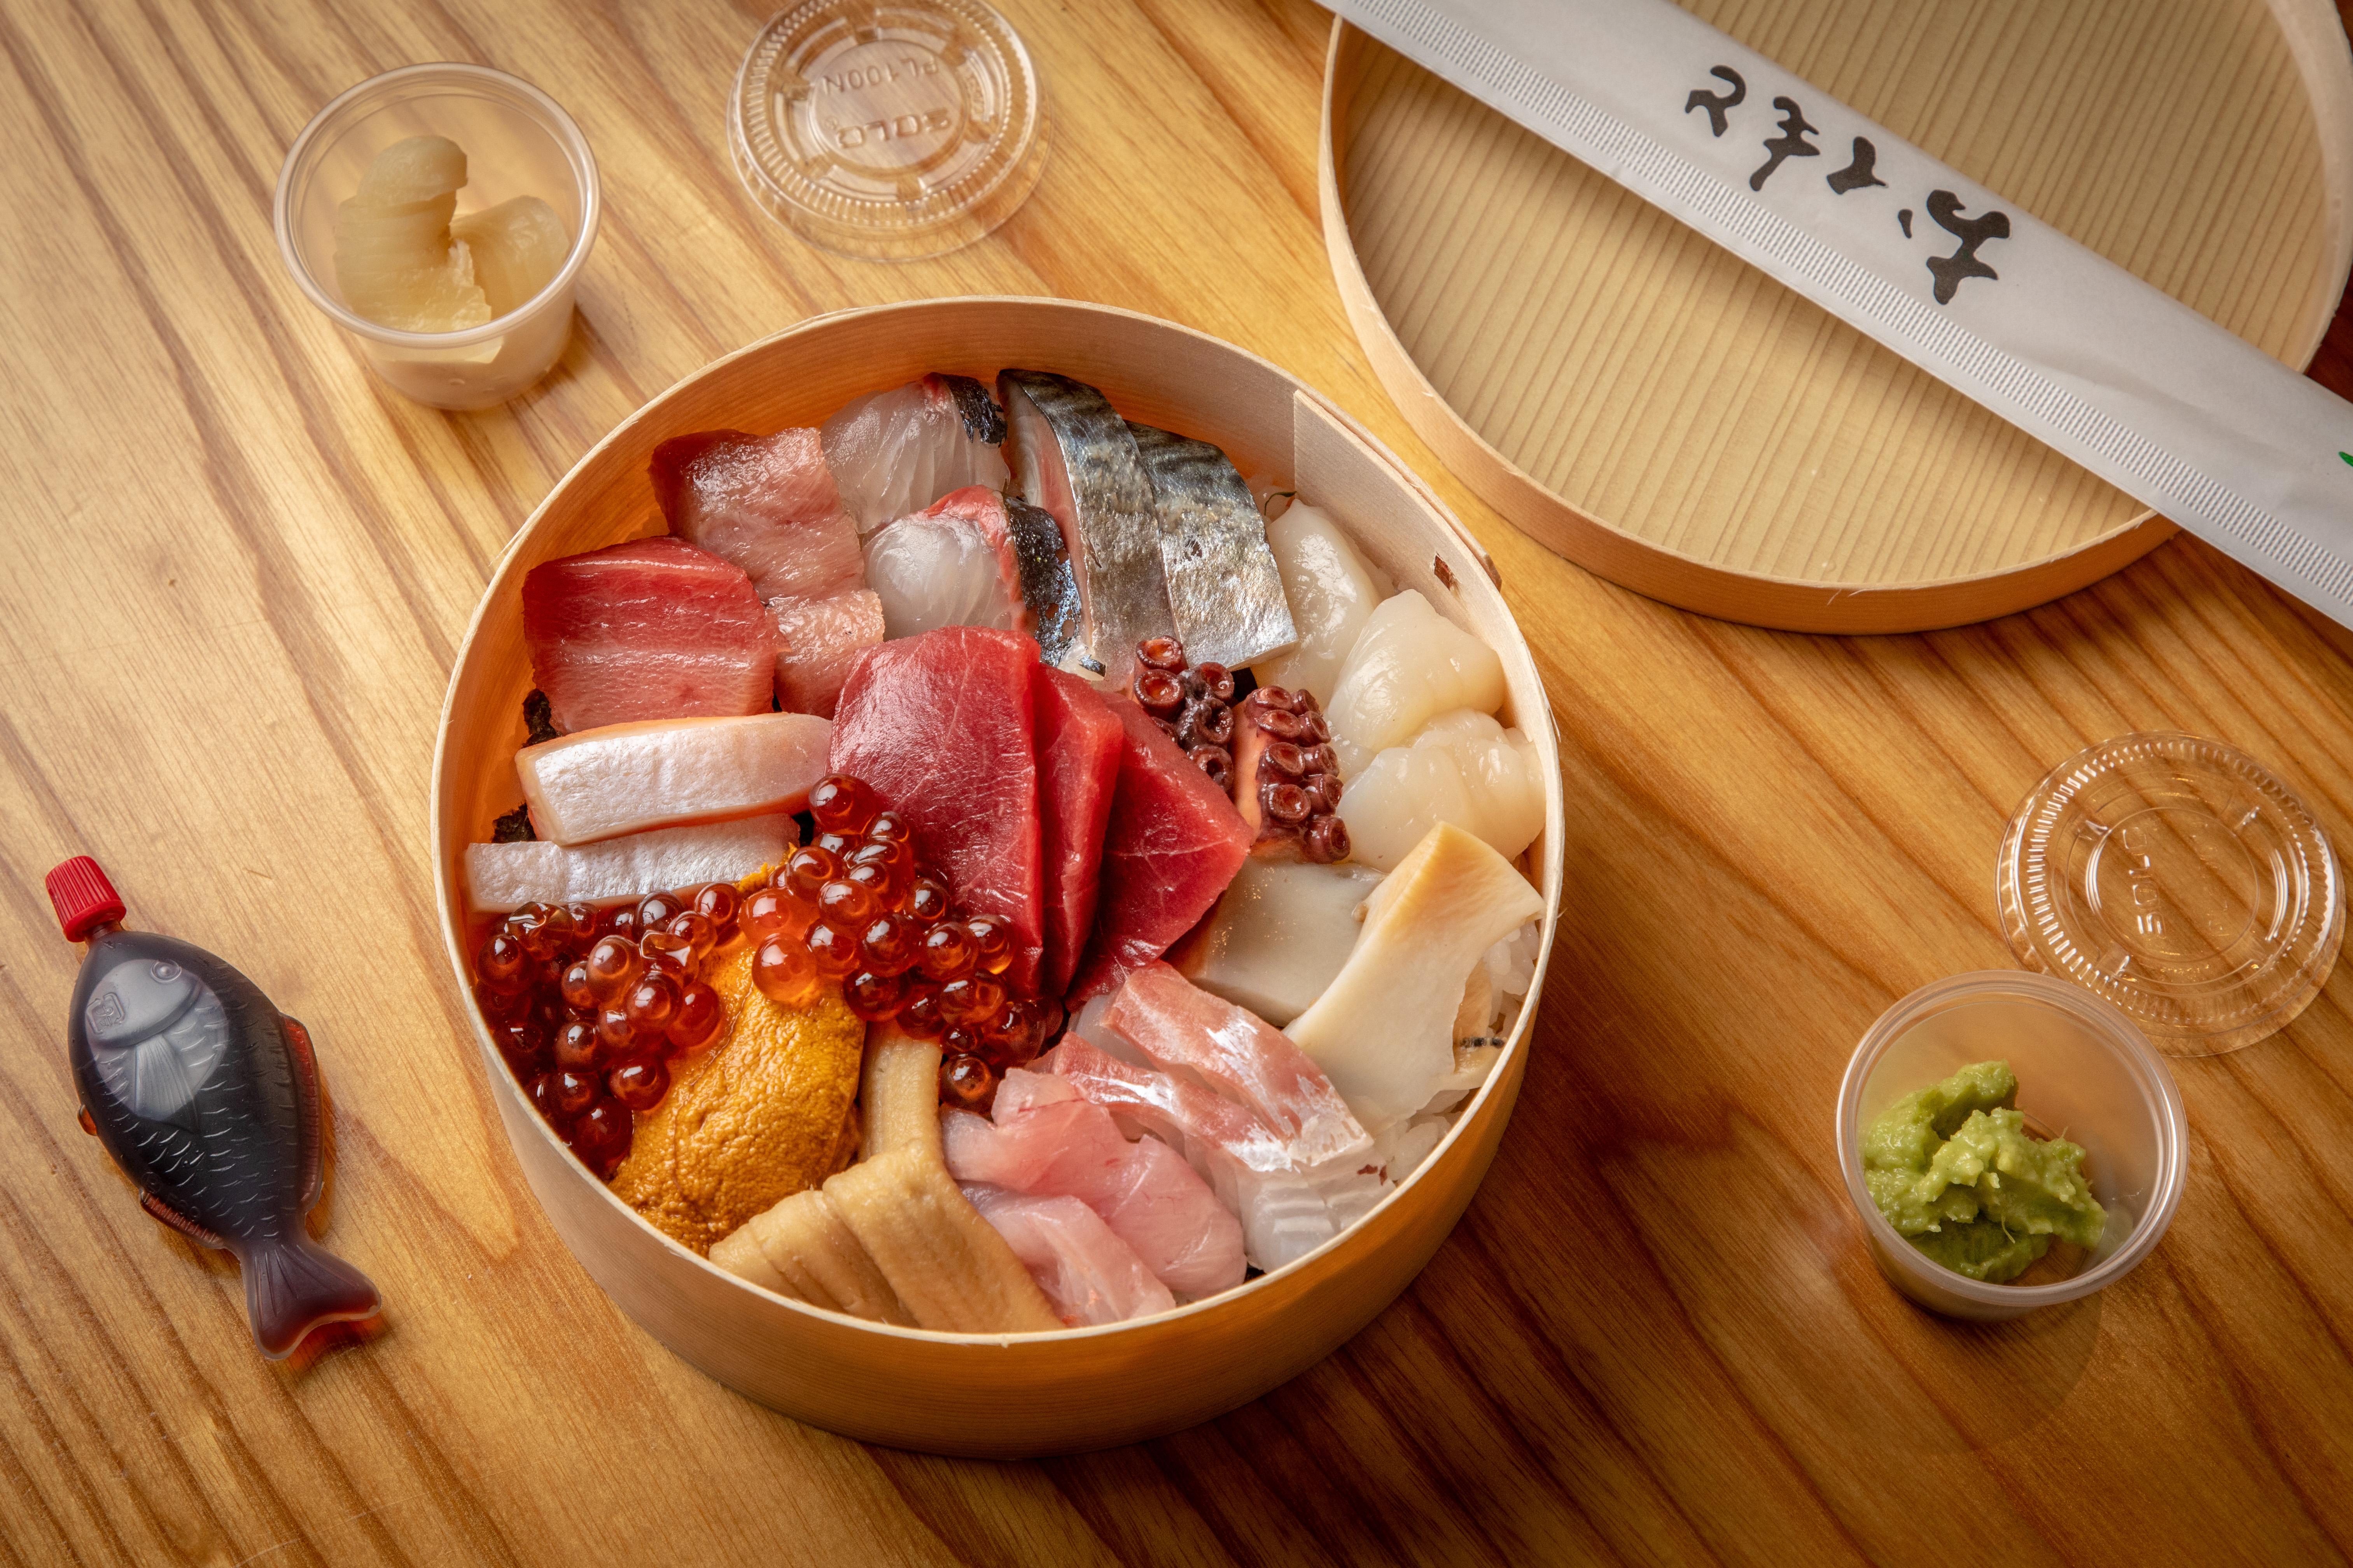 Chirashi bowl from Hiroshisa